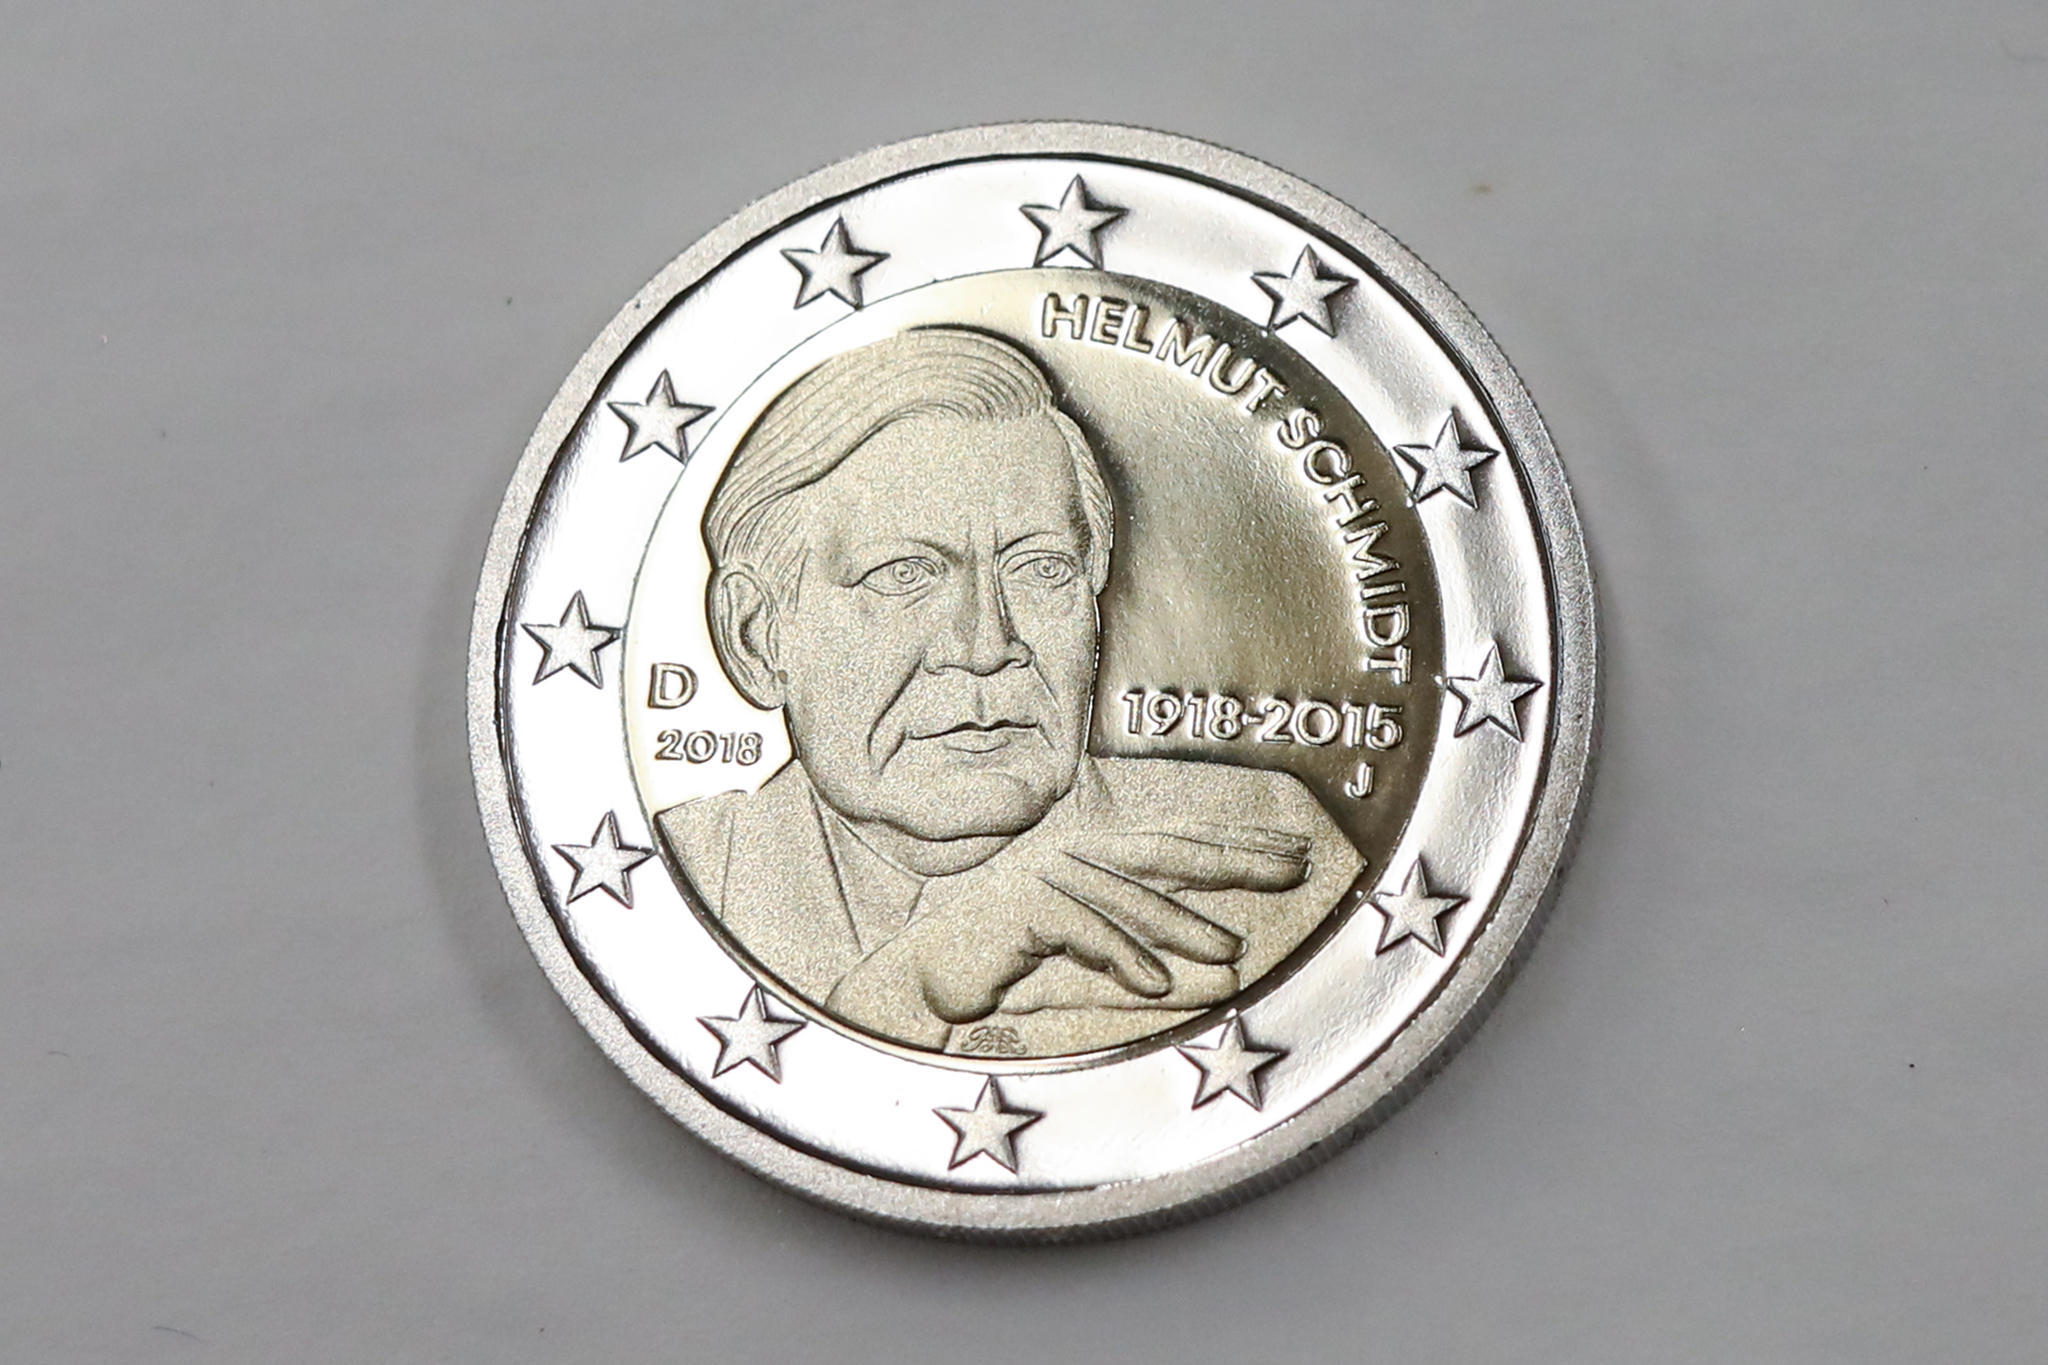 Helmut Schmidt Auf Seiner Zwei Euro Münze Fehlt Die Zigarette